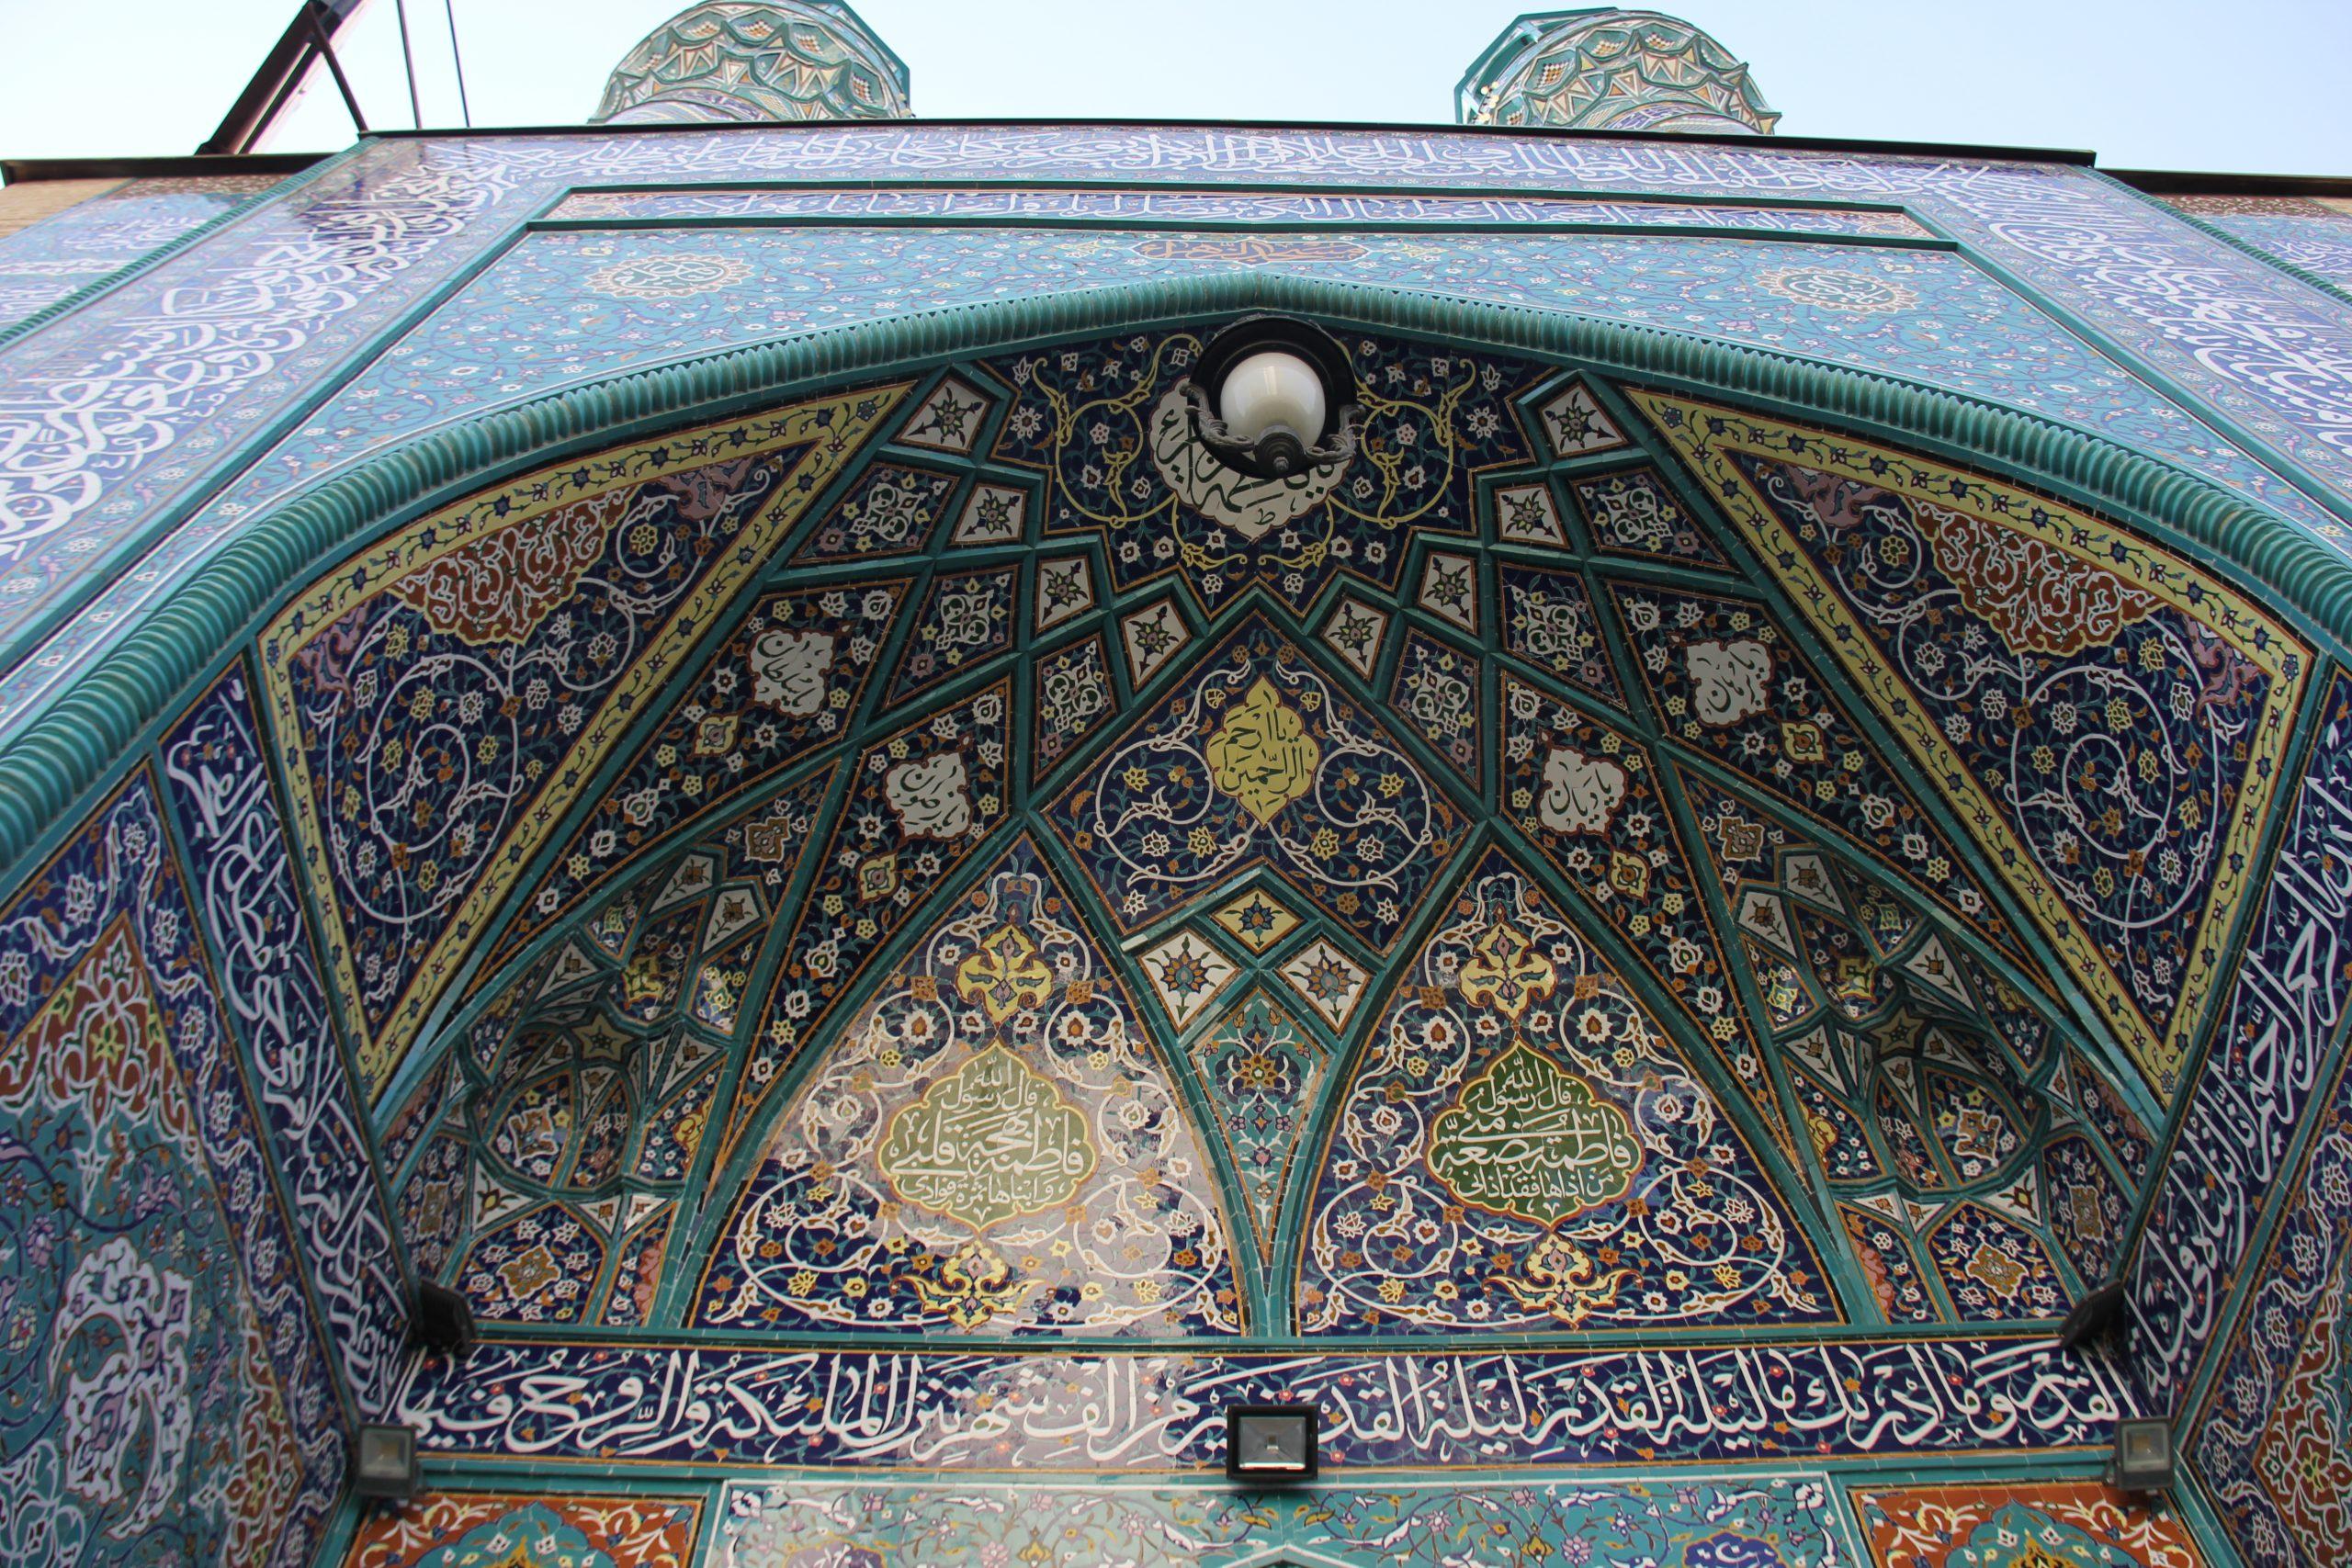 مسجد الزهرا (س)